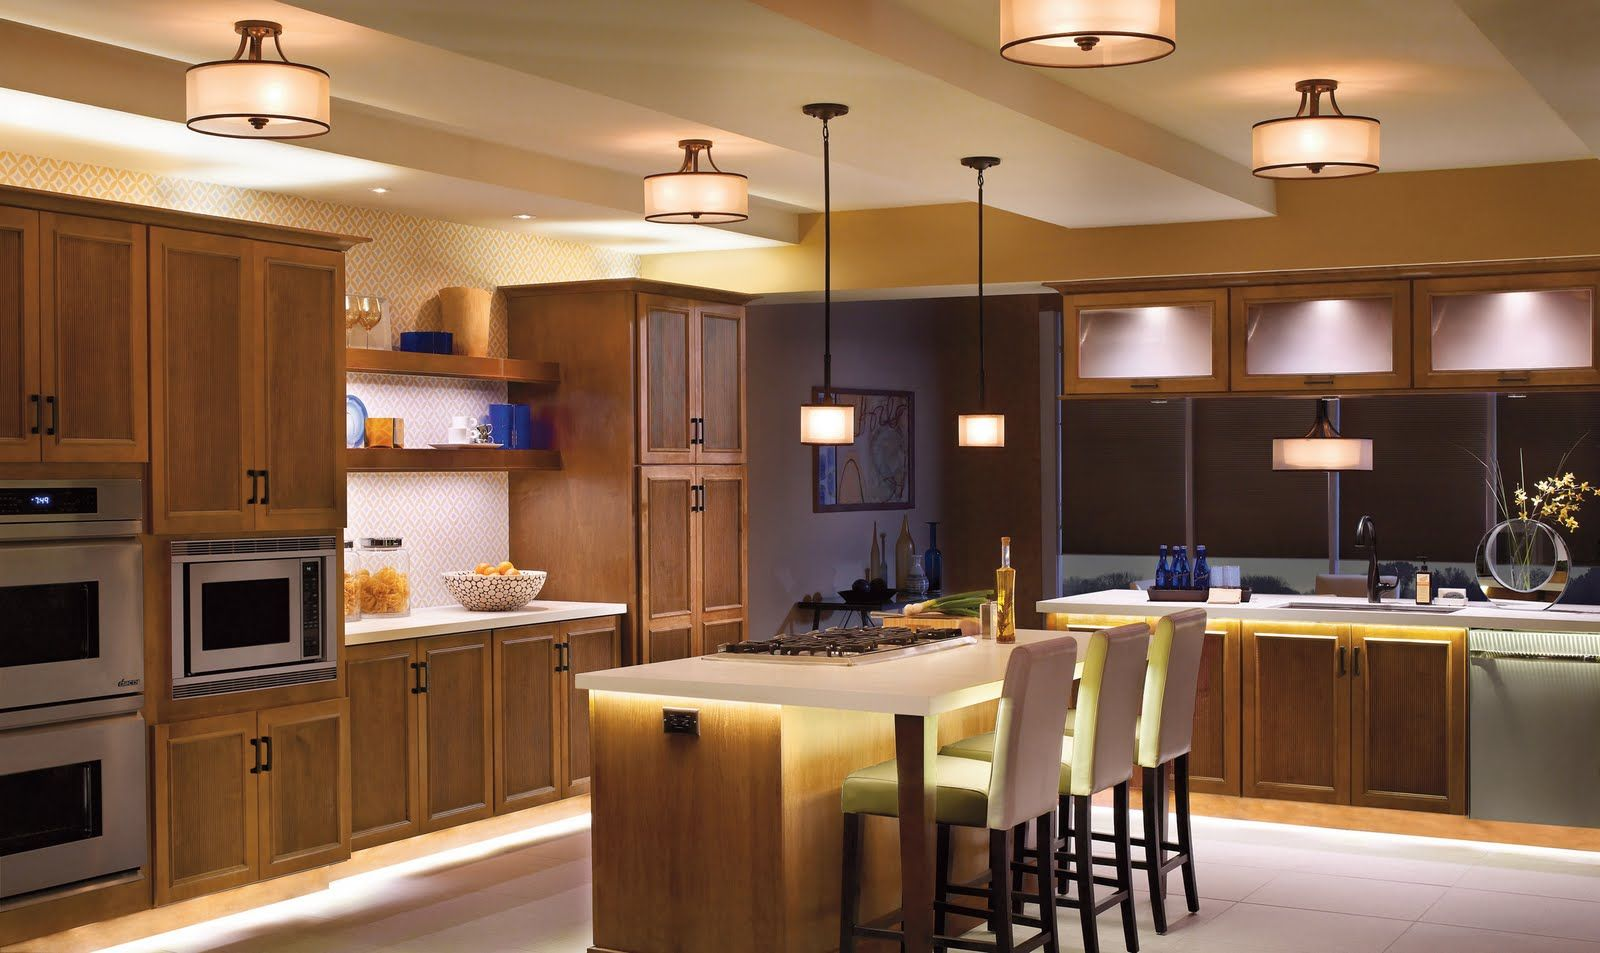 Kitchen Light Design Awesome Kitchenlightingideaswithinspiredesignelegant 1600×953 Review